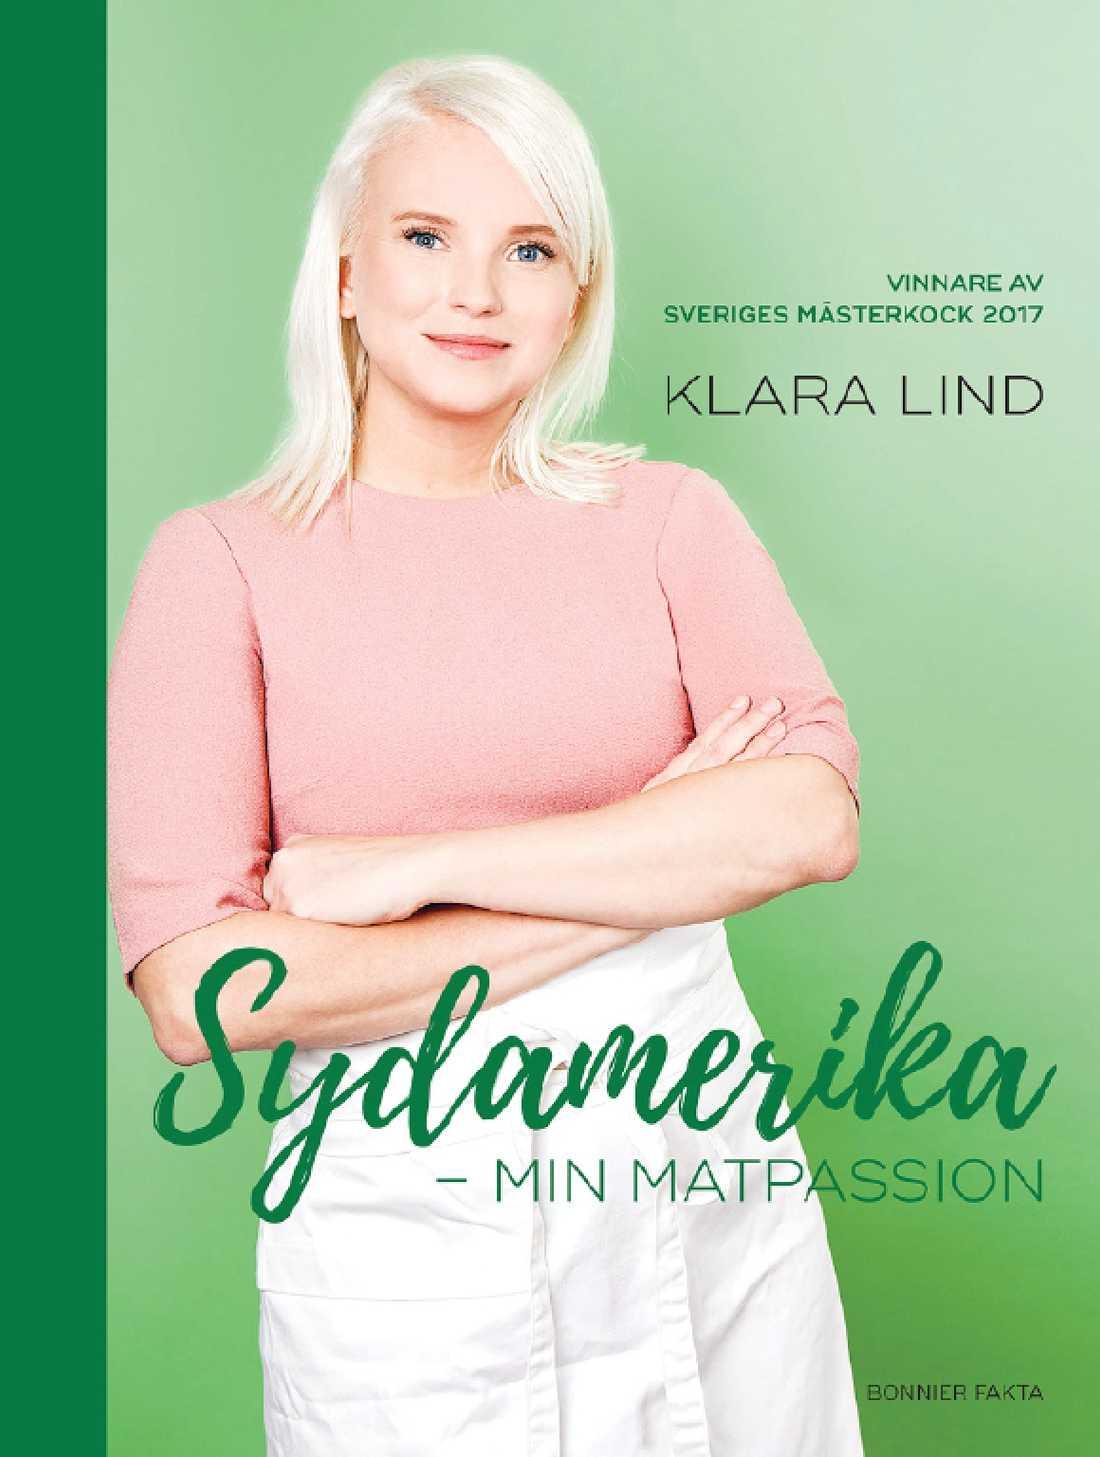 """Klara Linds bok """"Sydamerika – min matpassion"""". Fotograf: Frida Wismar. Bonnier Fakta."""